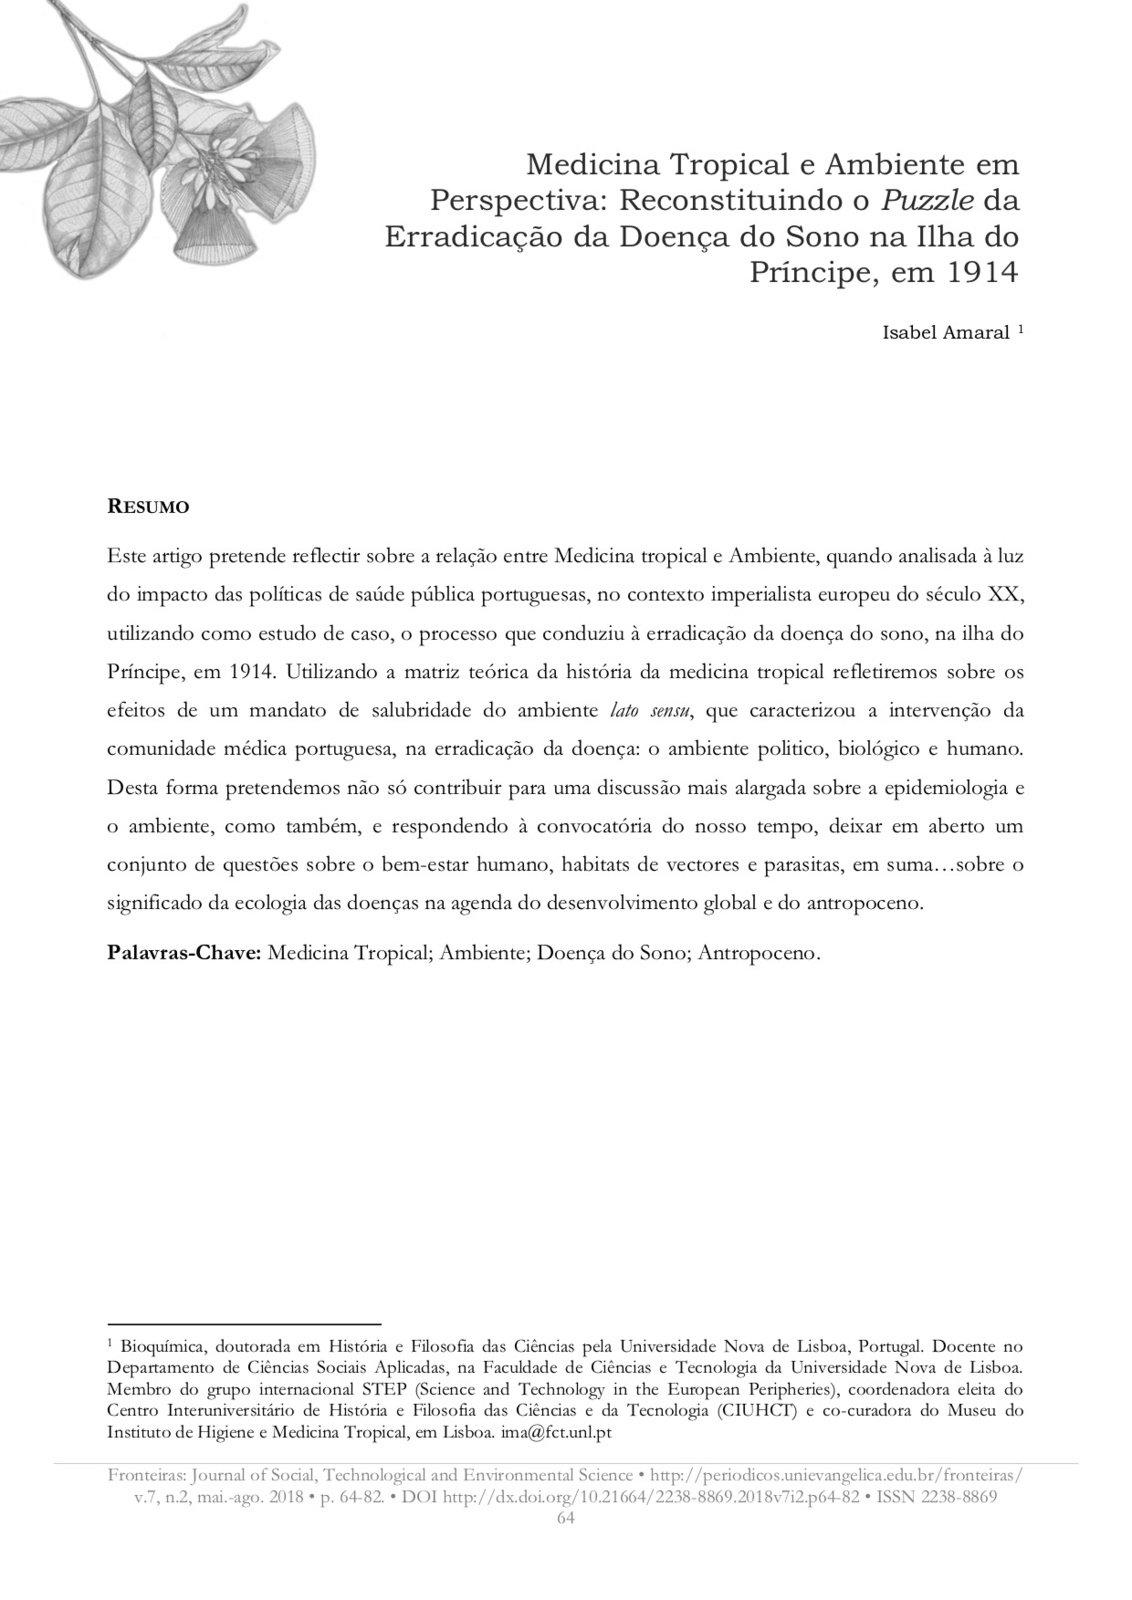 Medicina Tropical e Ambiente em Perspectiva: Reconstituindo o Puzzle da Erradicação da Doença do Sono na Ilha do Príncipe, em 1914, Capa